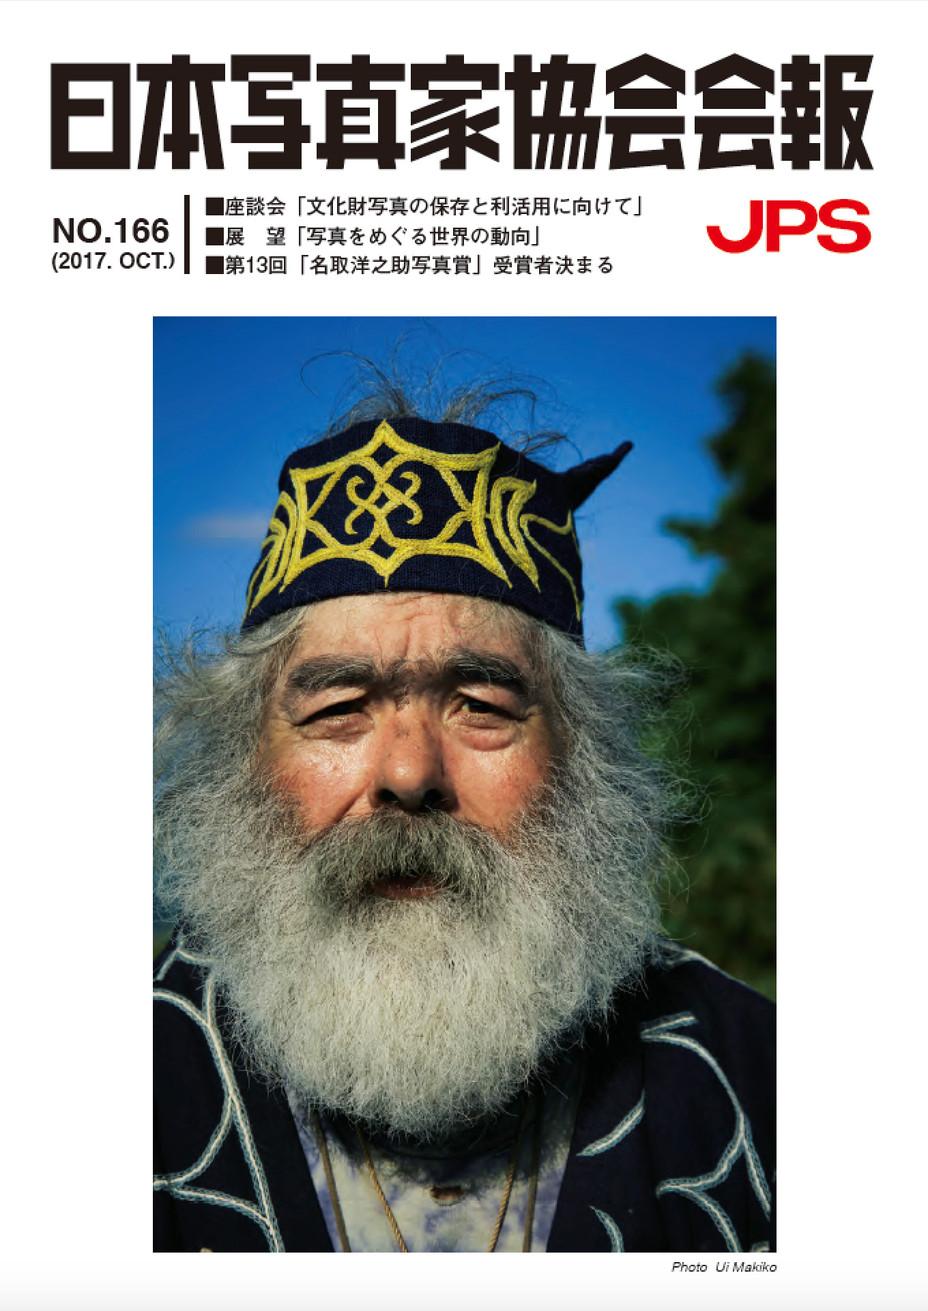 日本写真家協会会報で紹介していただきました